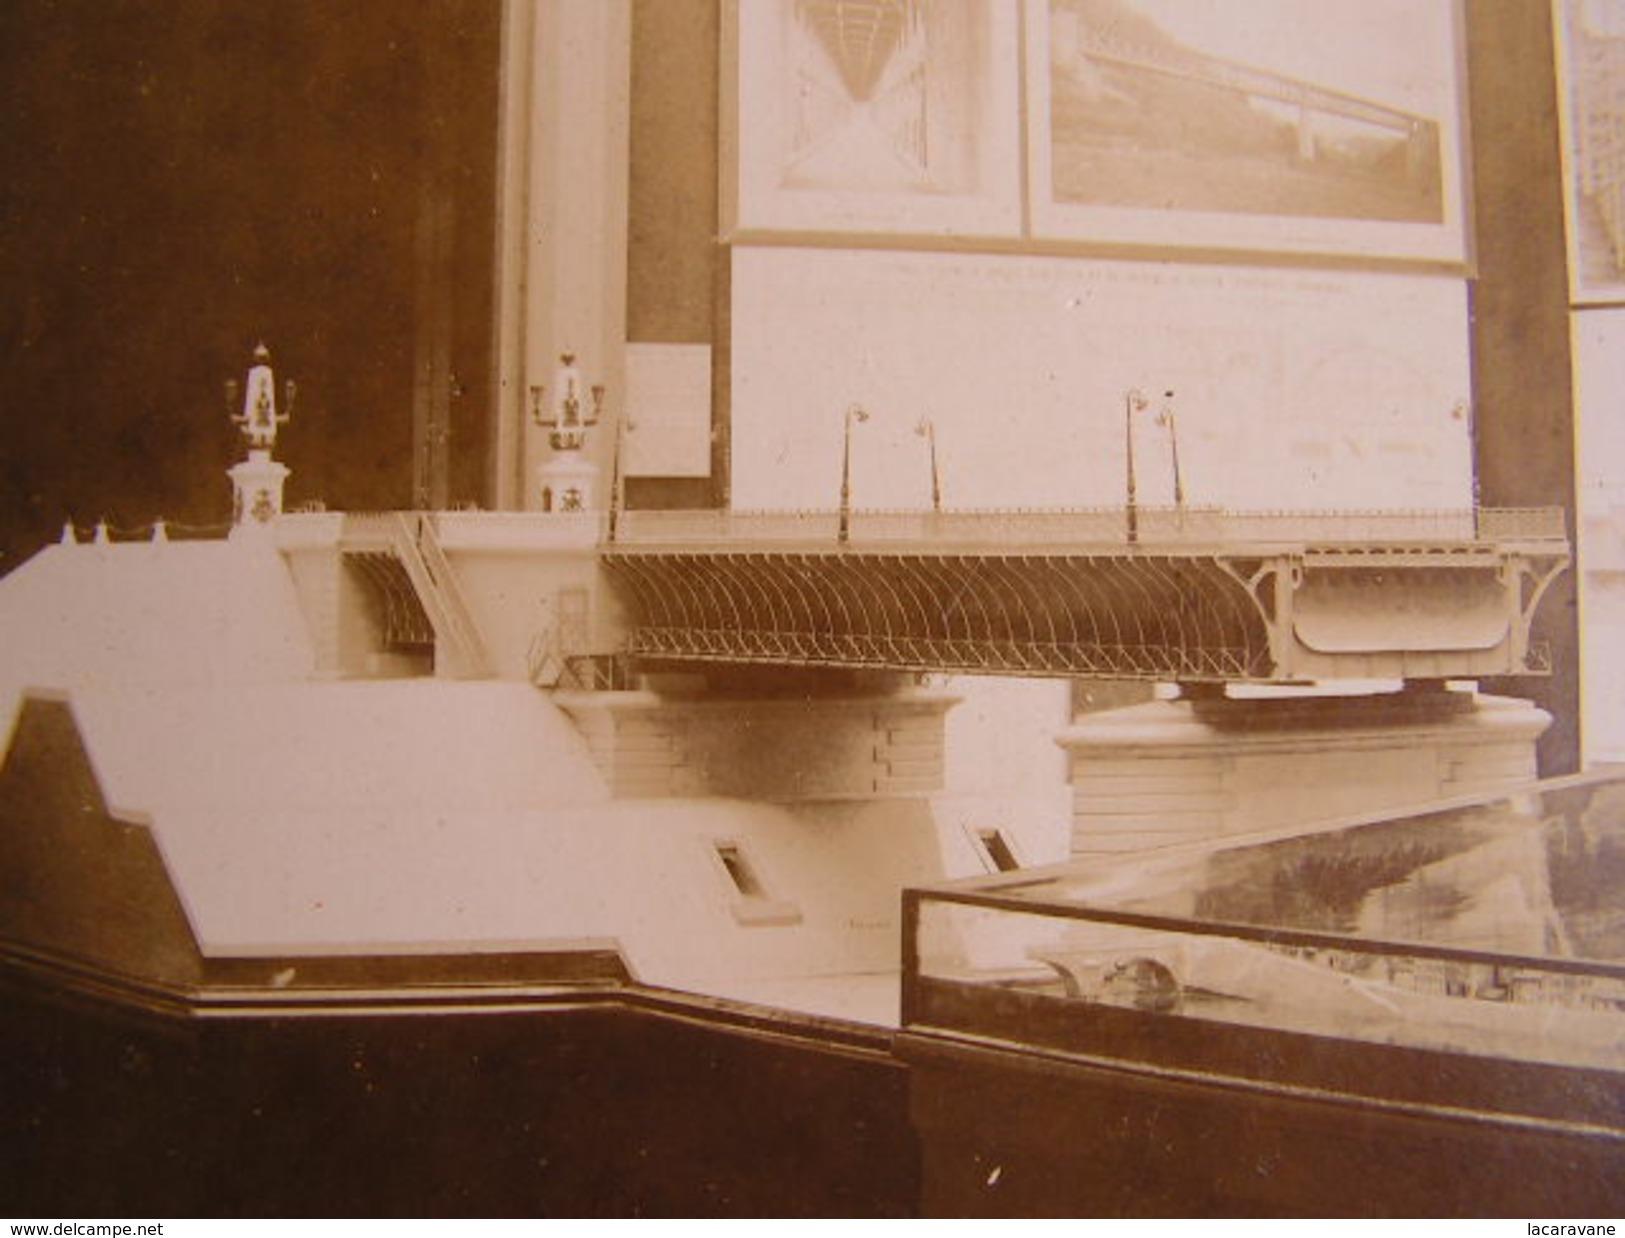 Photographie Photo Cpa 45 Loiret Pont Canal De Briare Bureau Ingenieur Mazoyer Architecte  Grand Format 38cm X 27cm - Photos